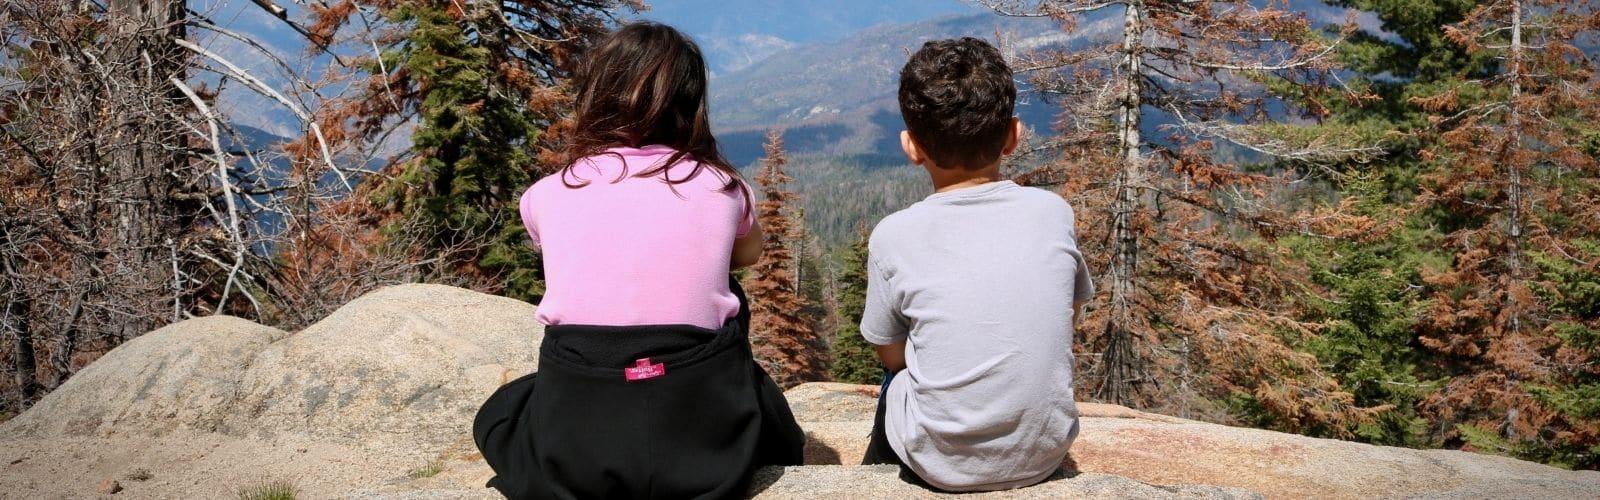 Environnement : 6 activités pour sensibiliser les enfants à la protection de la nature